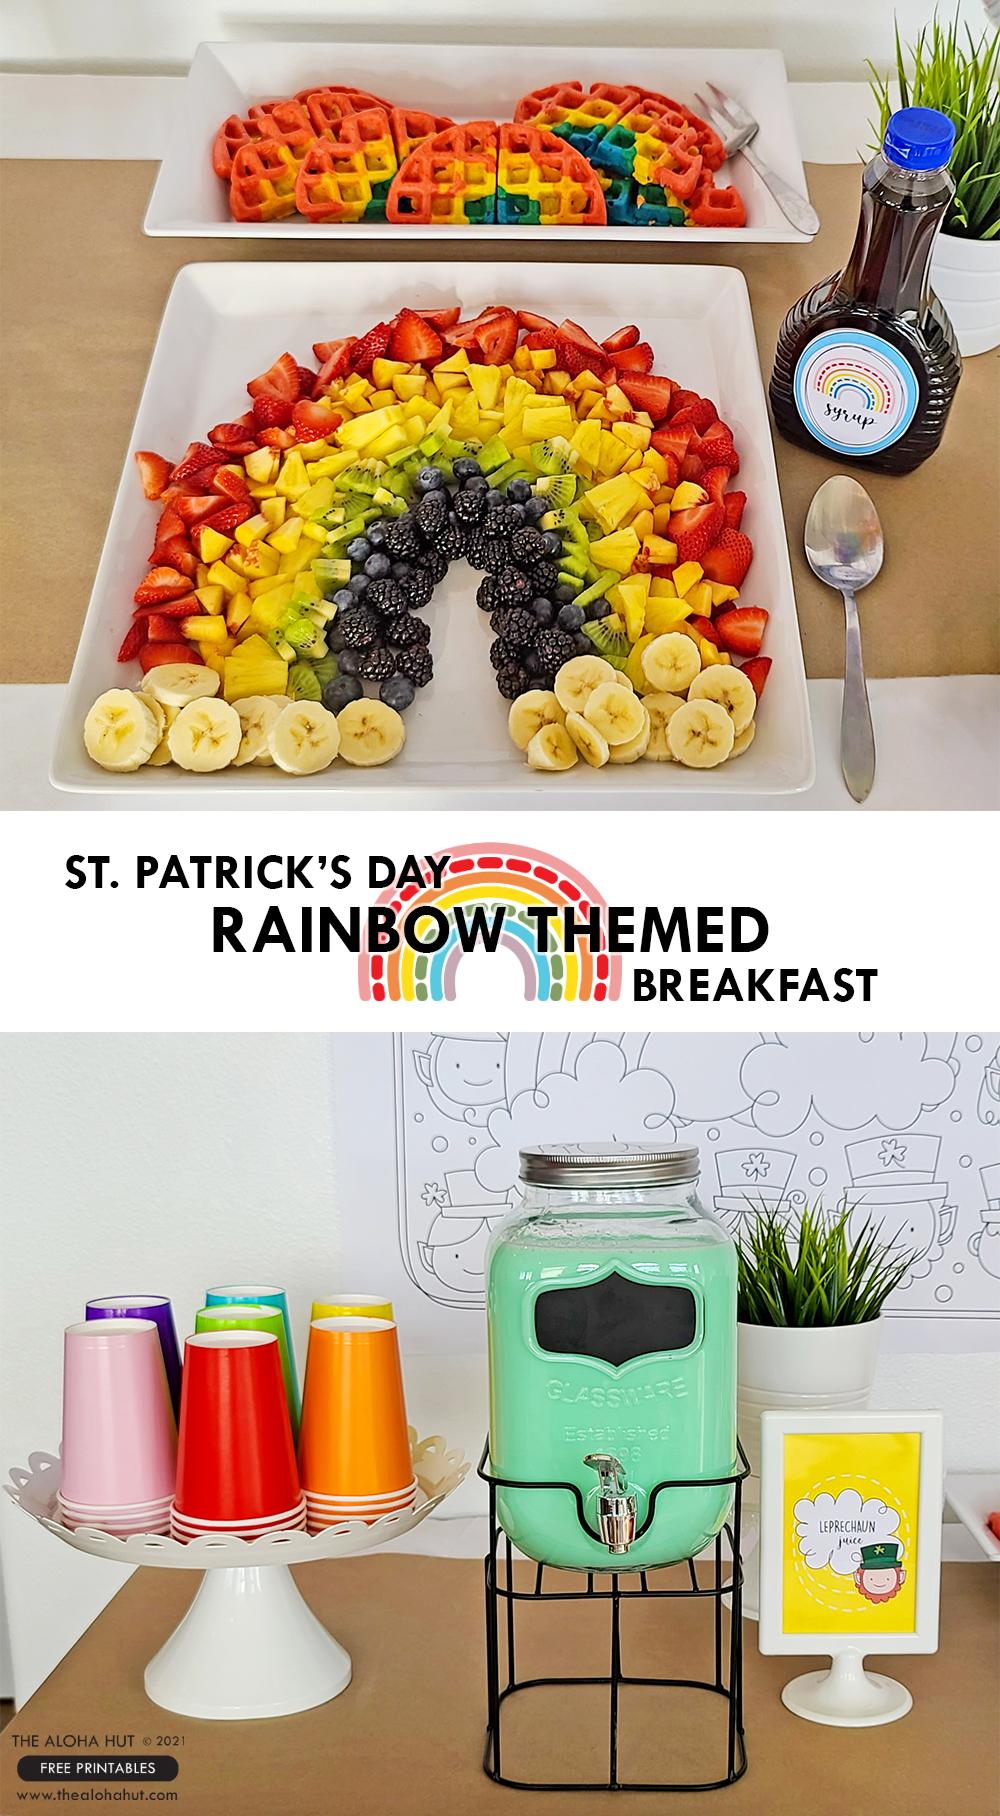 St Patrick's Day Rainbow Themed Breakfast by the Aloha Hut